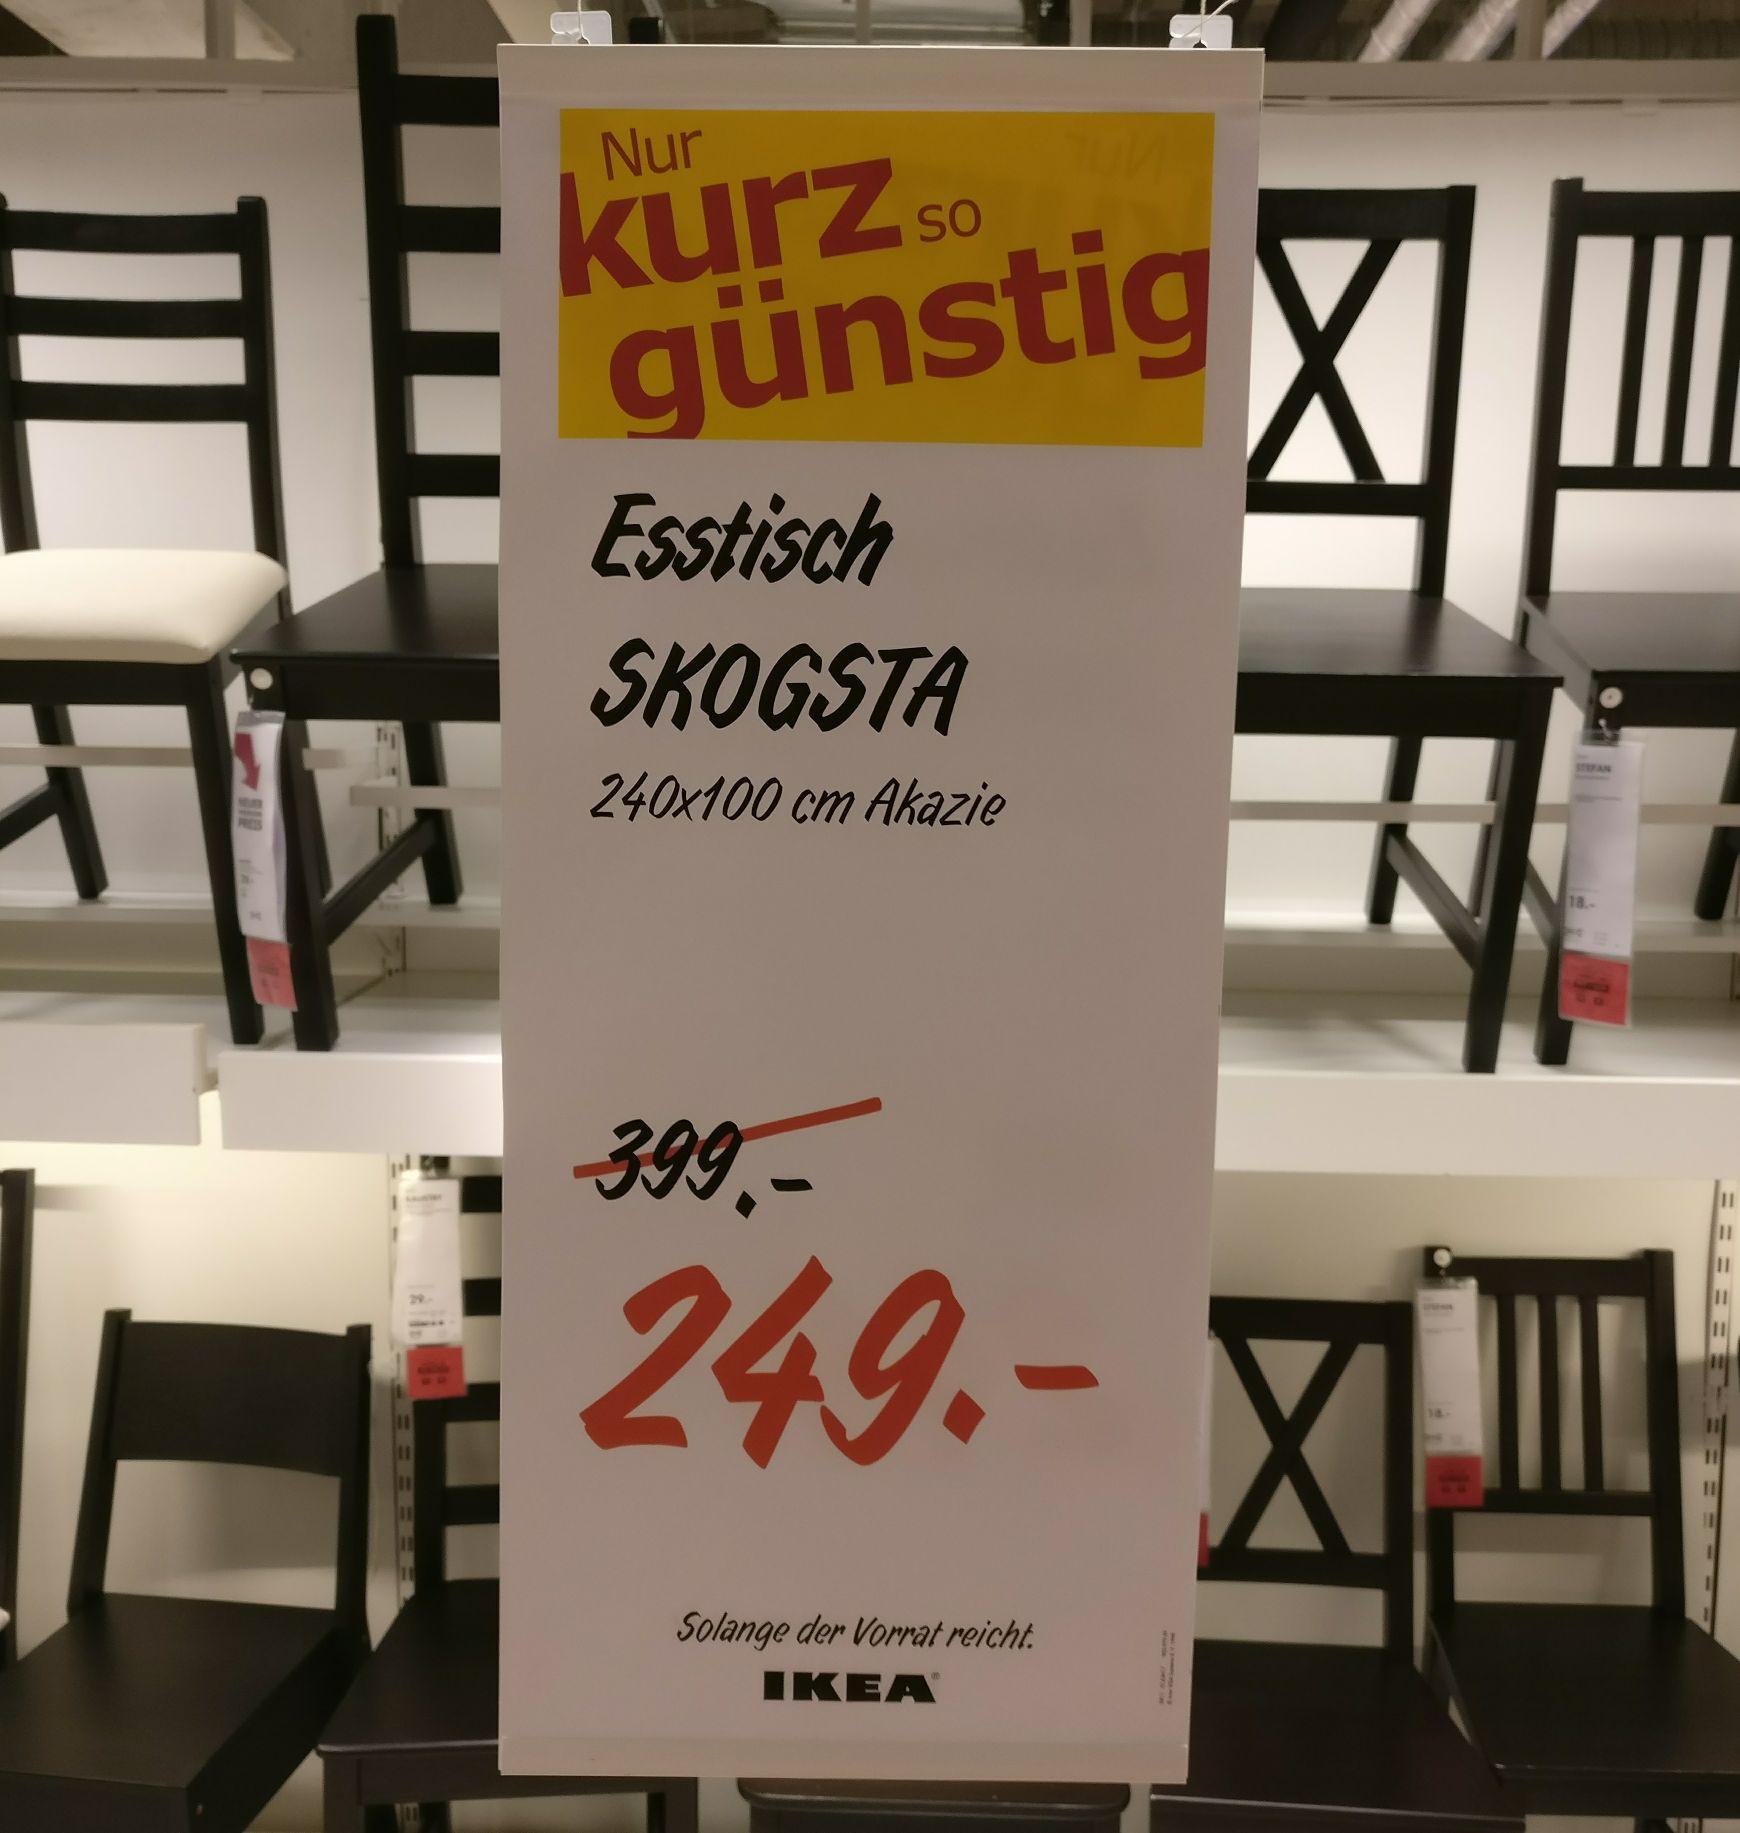 [Lokal Ikea Kamen] Skogsta Esstisch Akazie für 249 statt 399